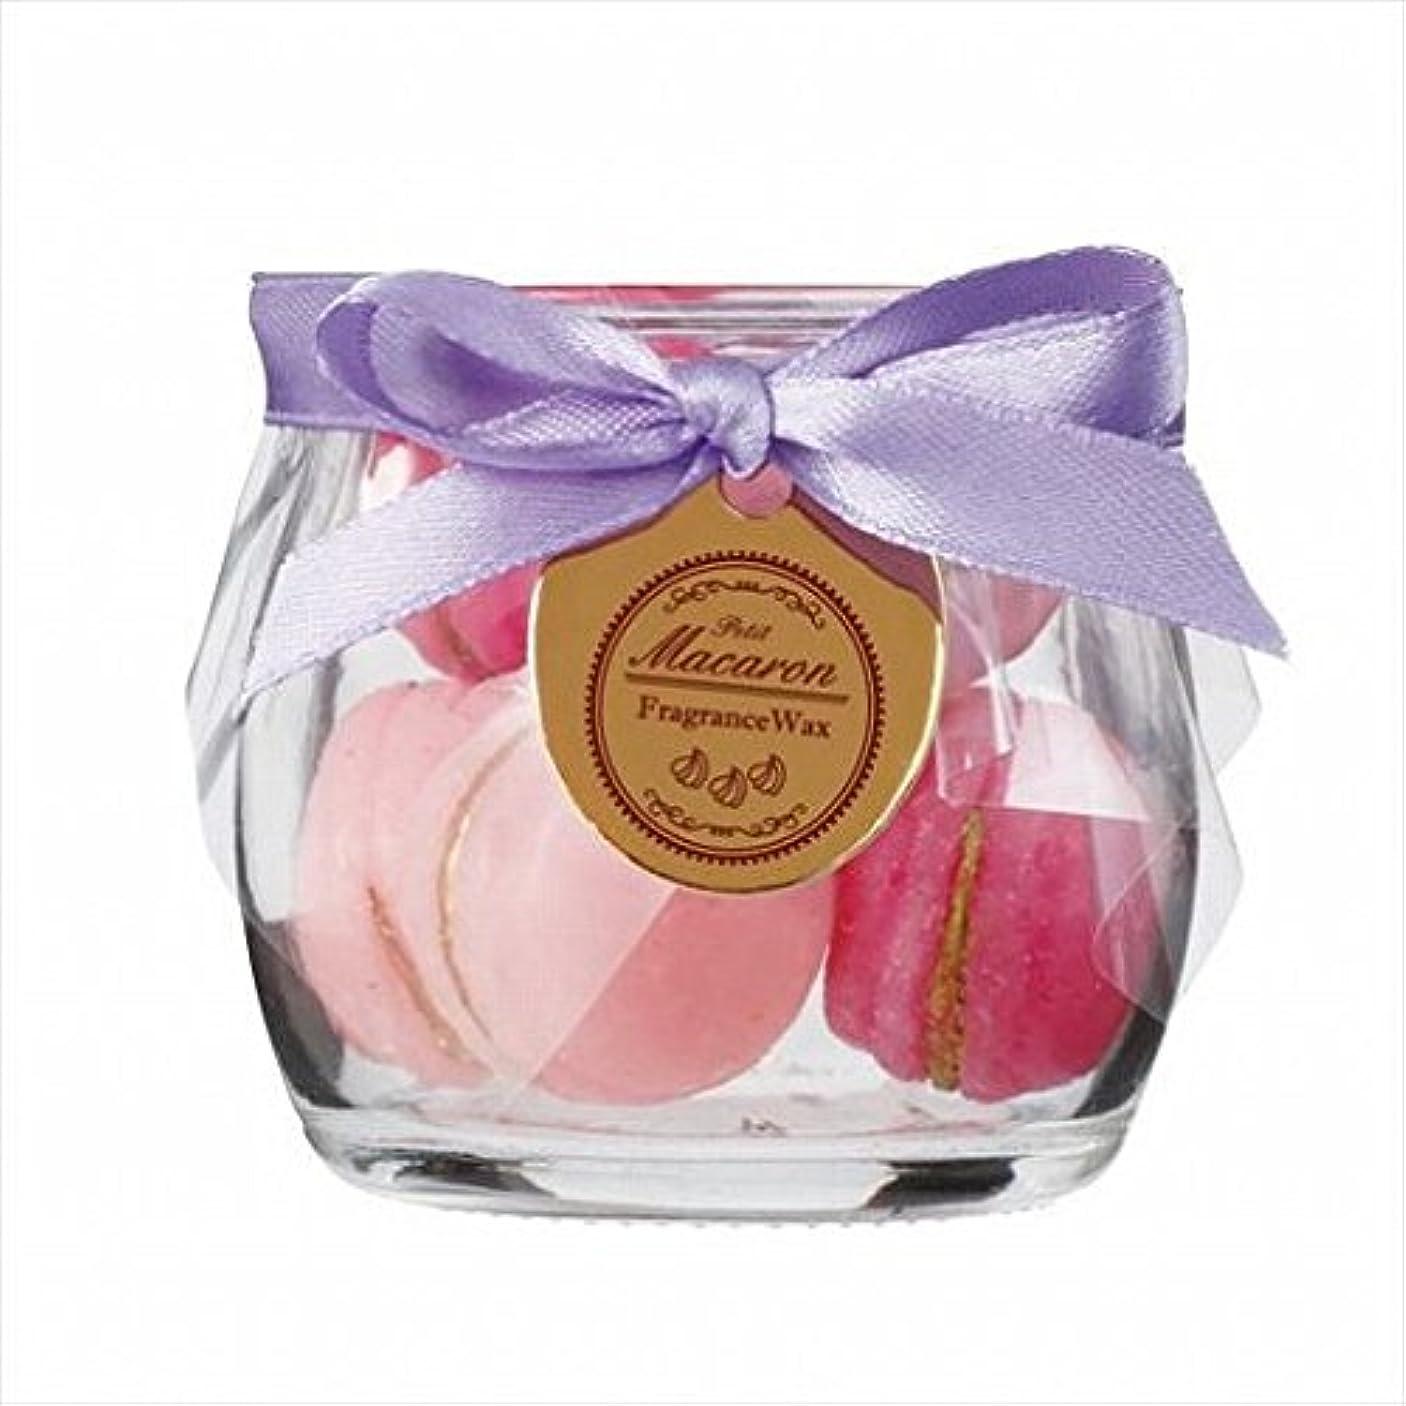 騒怠惰多分sweets candle(スイーツキャンドル) プチマカロンフレグランス 「 バニラ 」 キャンドル 60x60x56mm (A3160550)